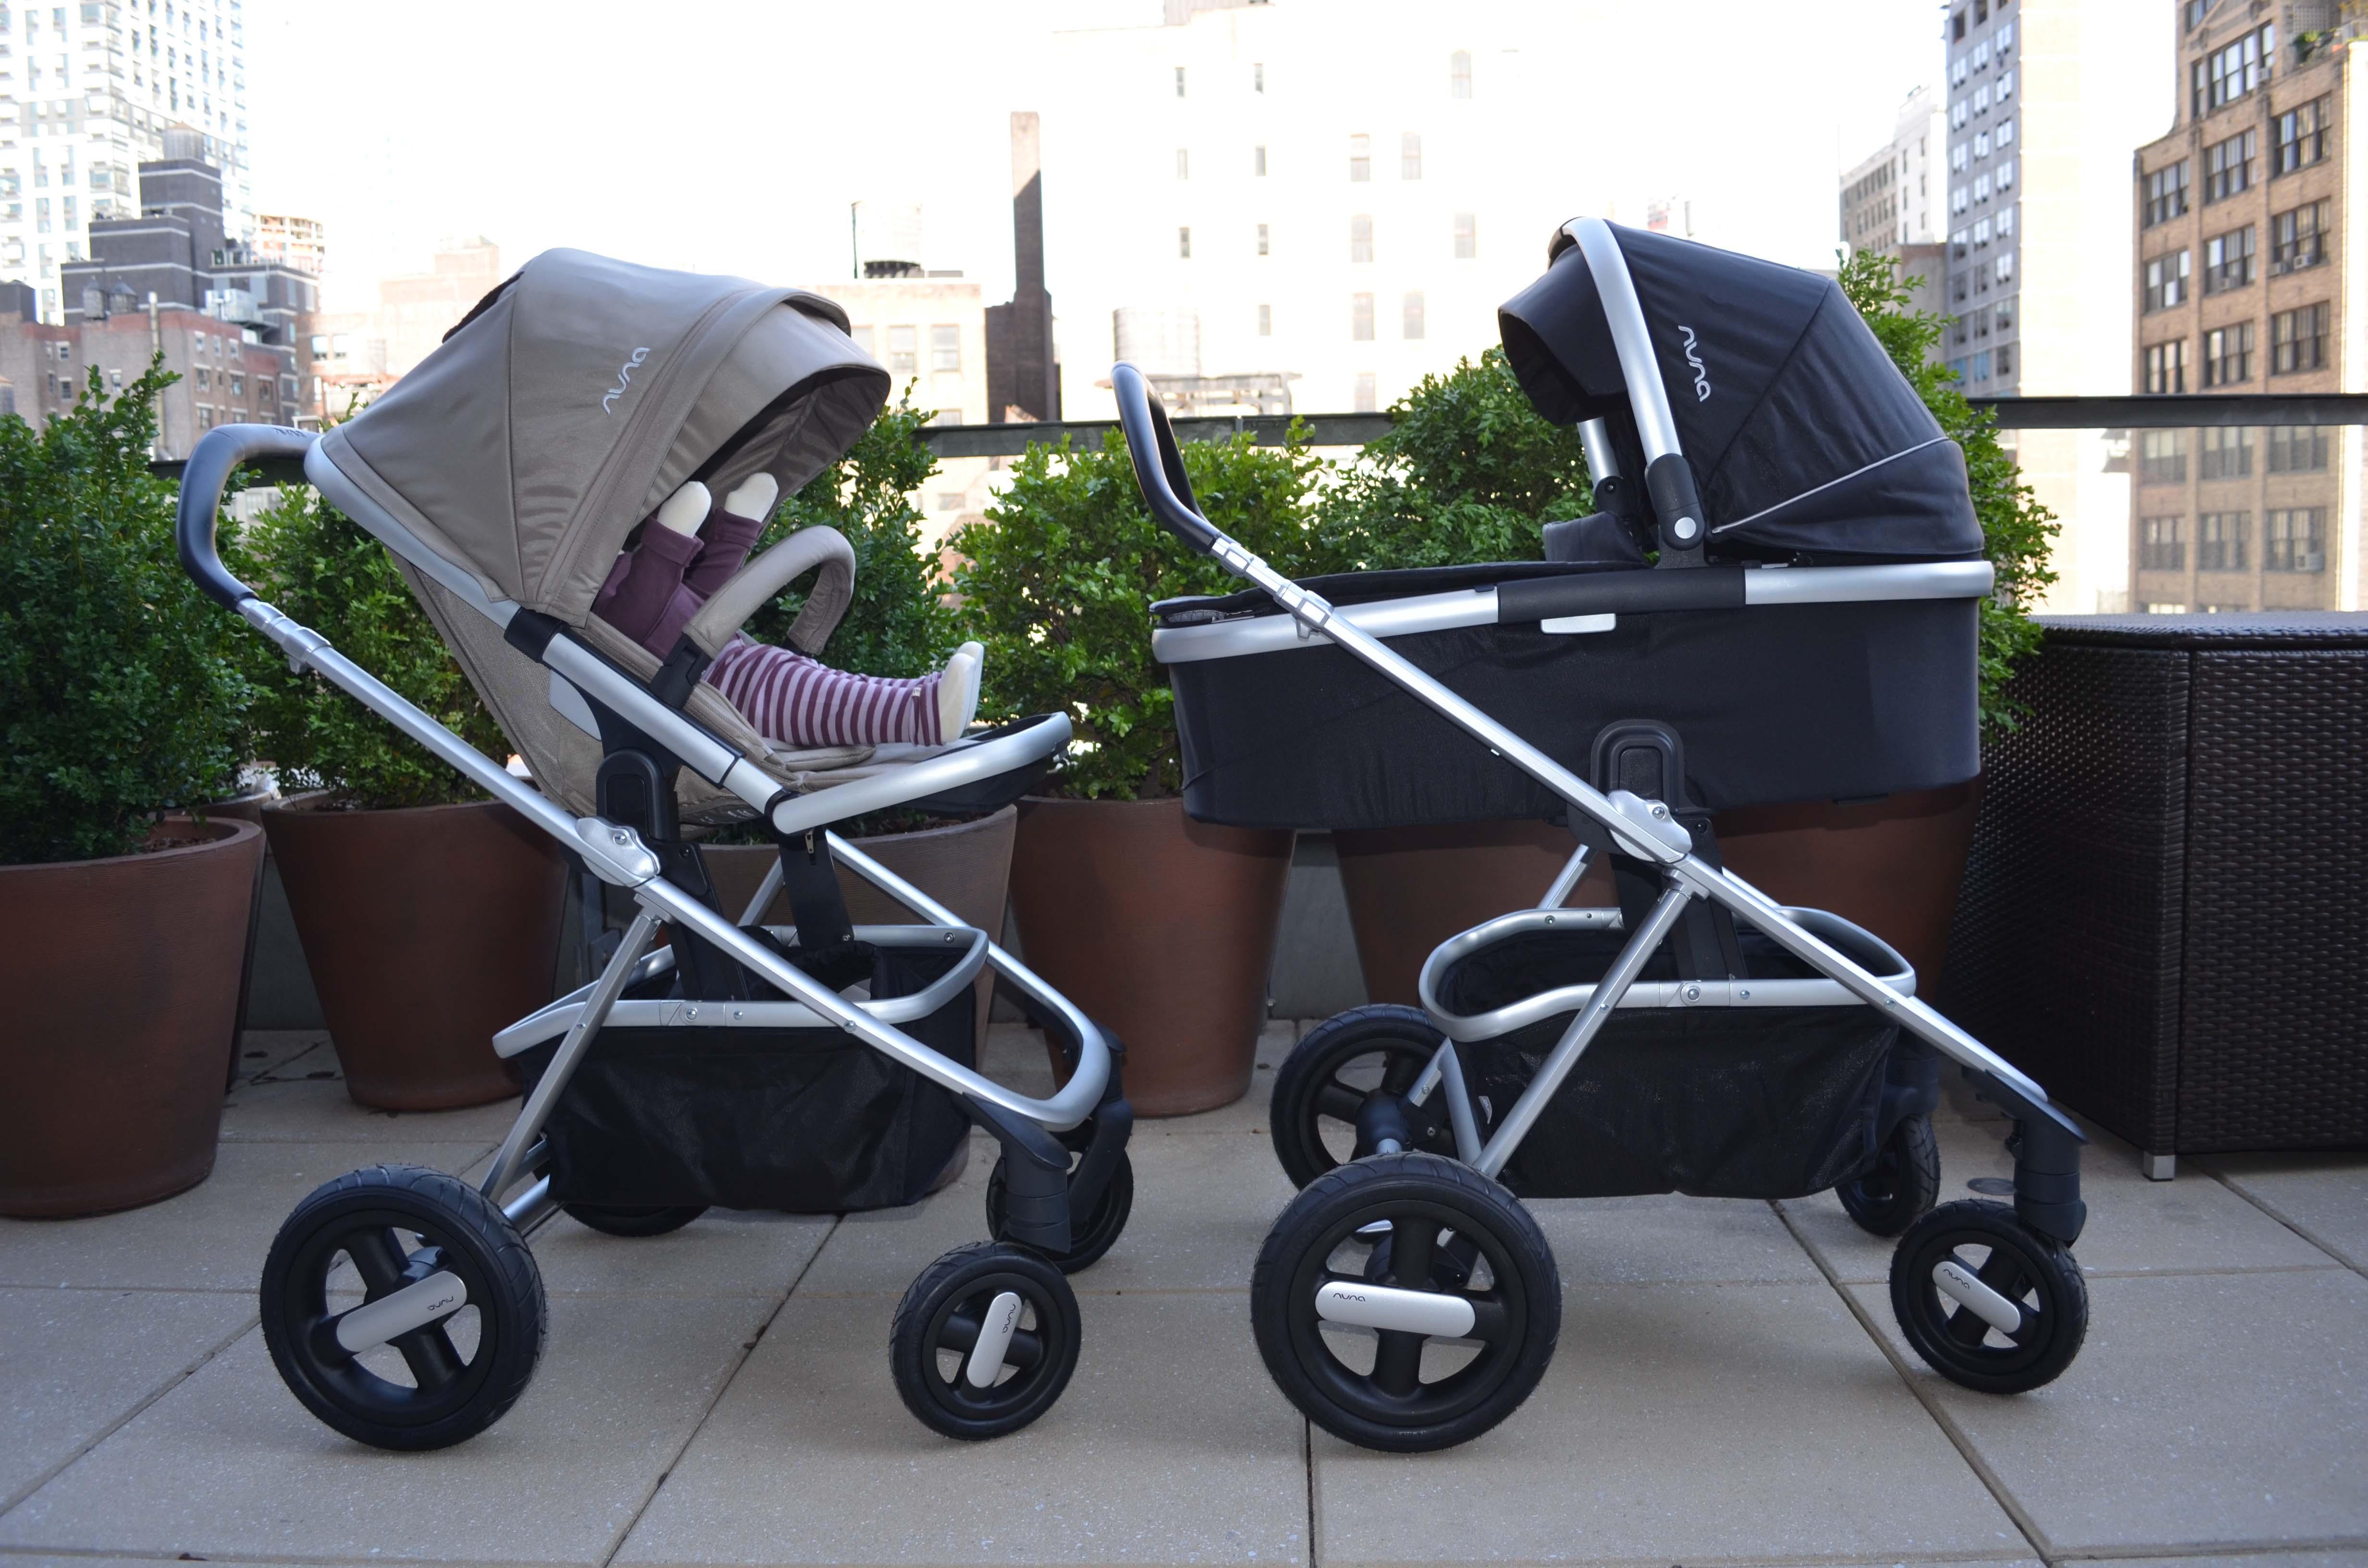 Nuna IVVI Stroller